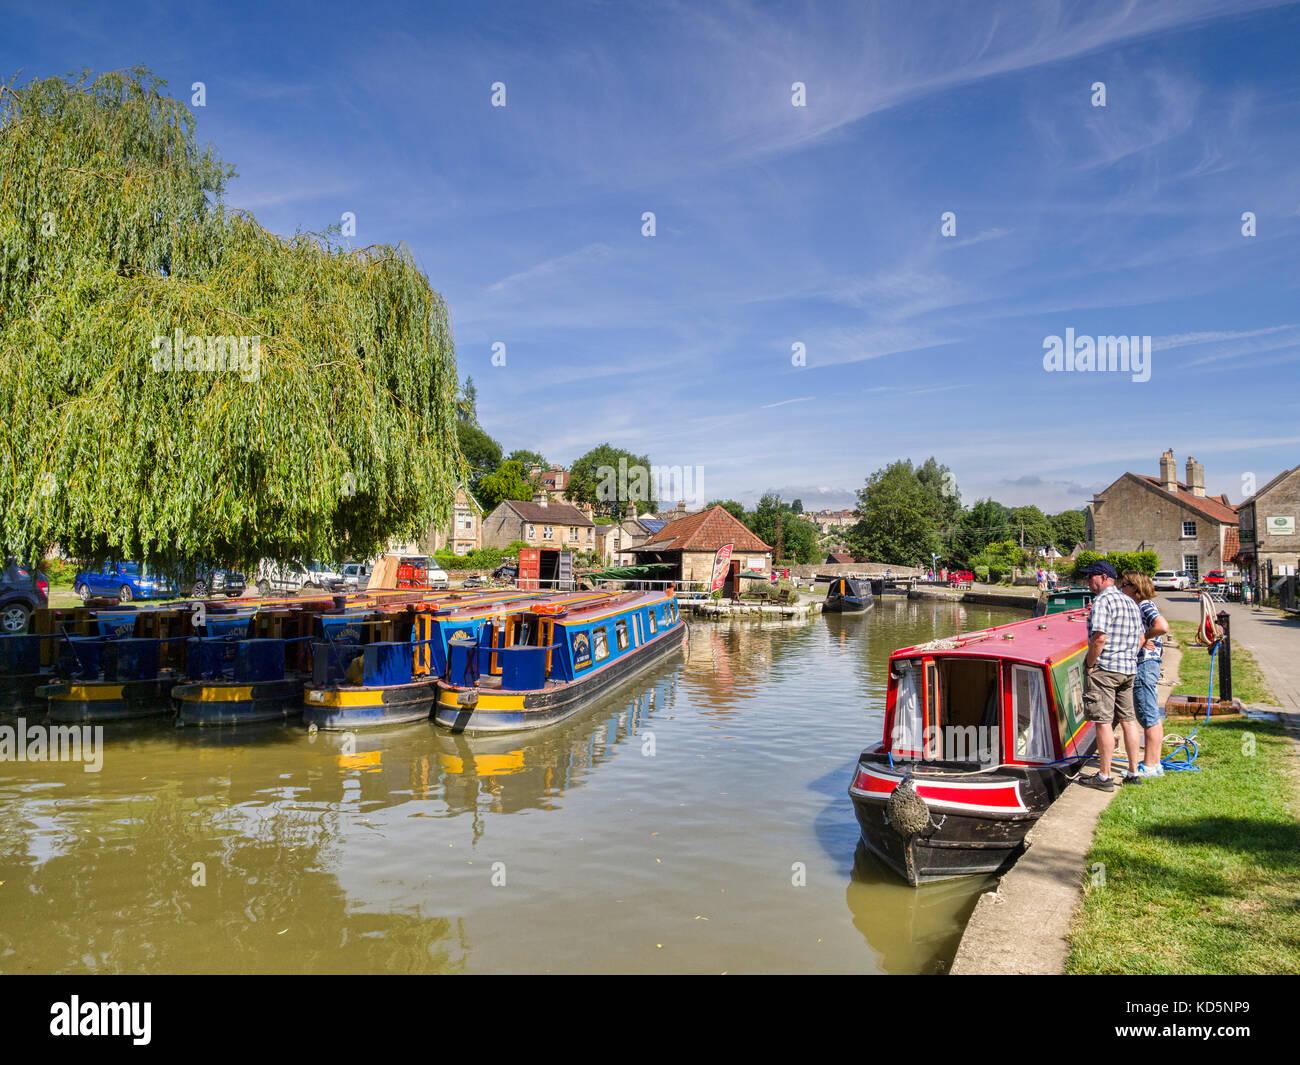 Vom 7. Juli 2017: Bradford on Avon, Somerset, England, UK-Bradford on Avon Wharf, einem typischen Kanal Becken mit Stockbild